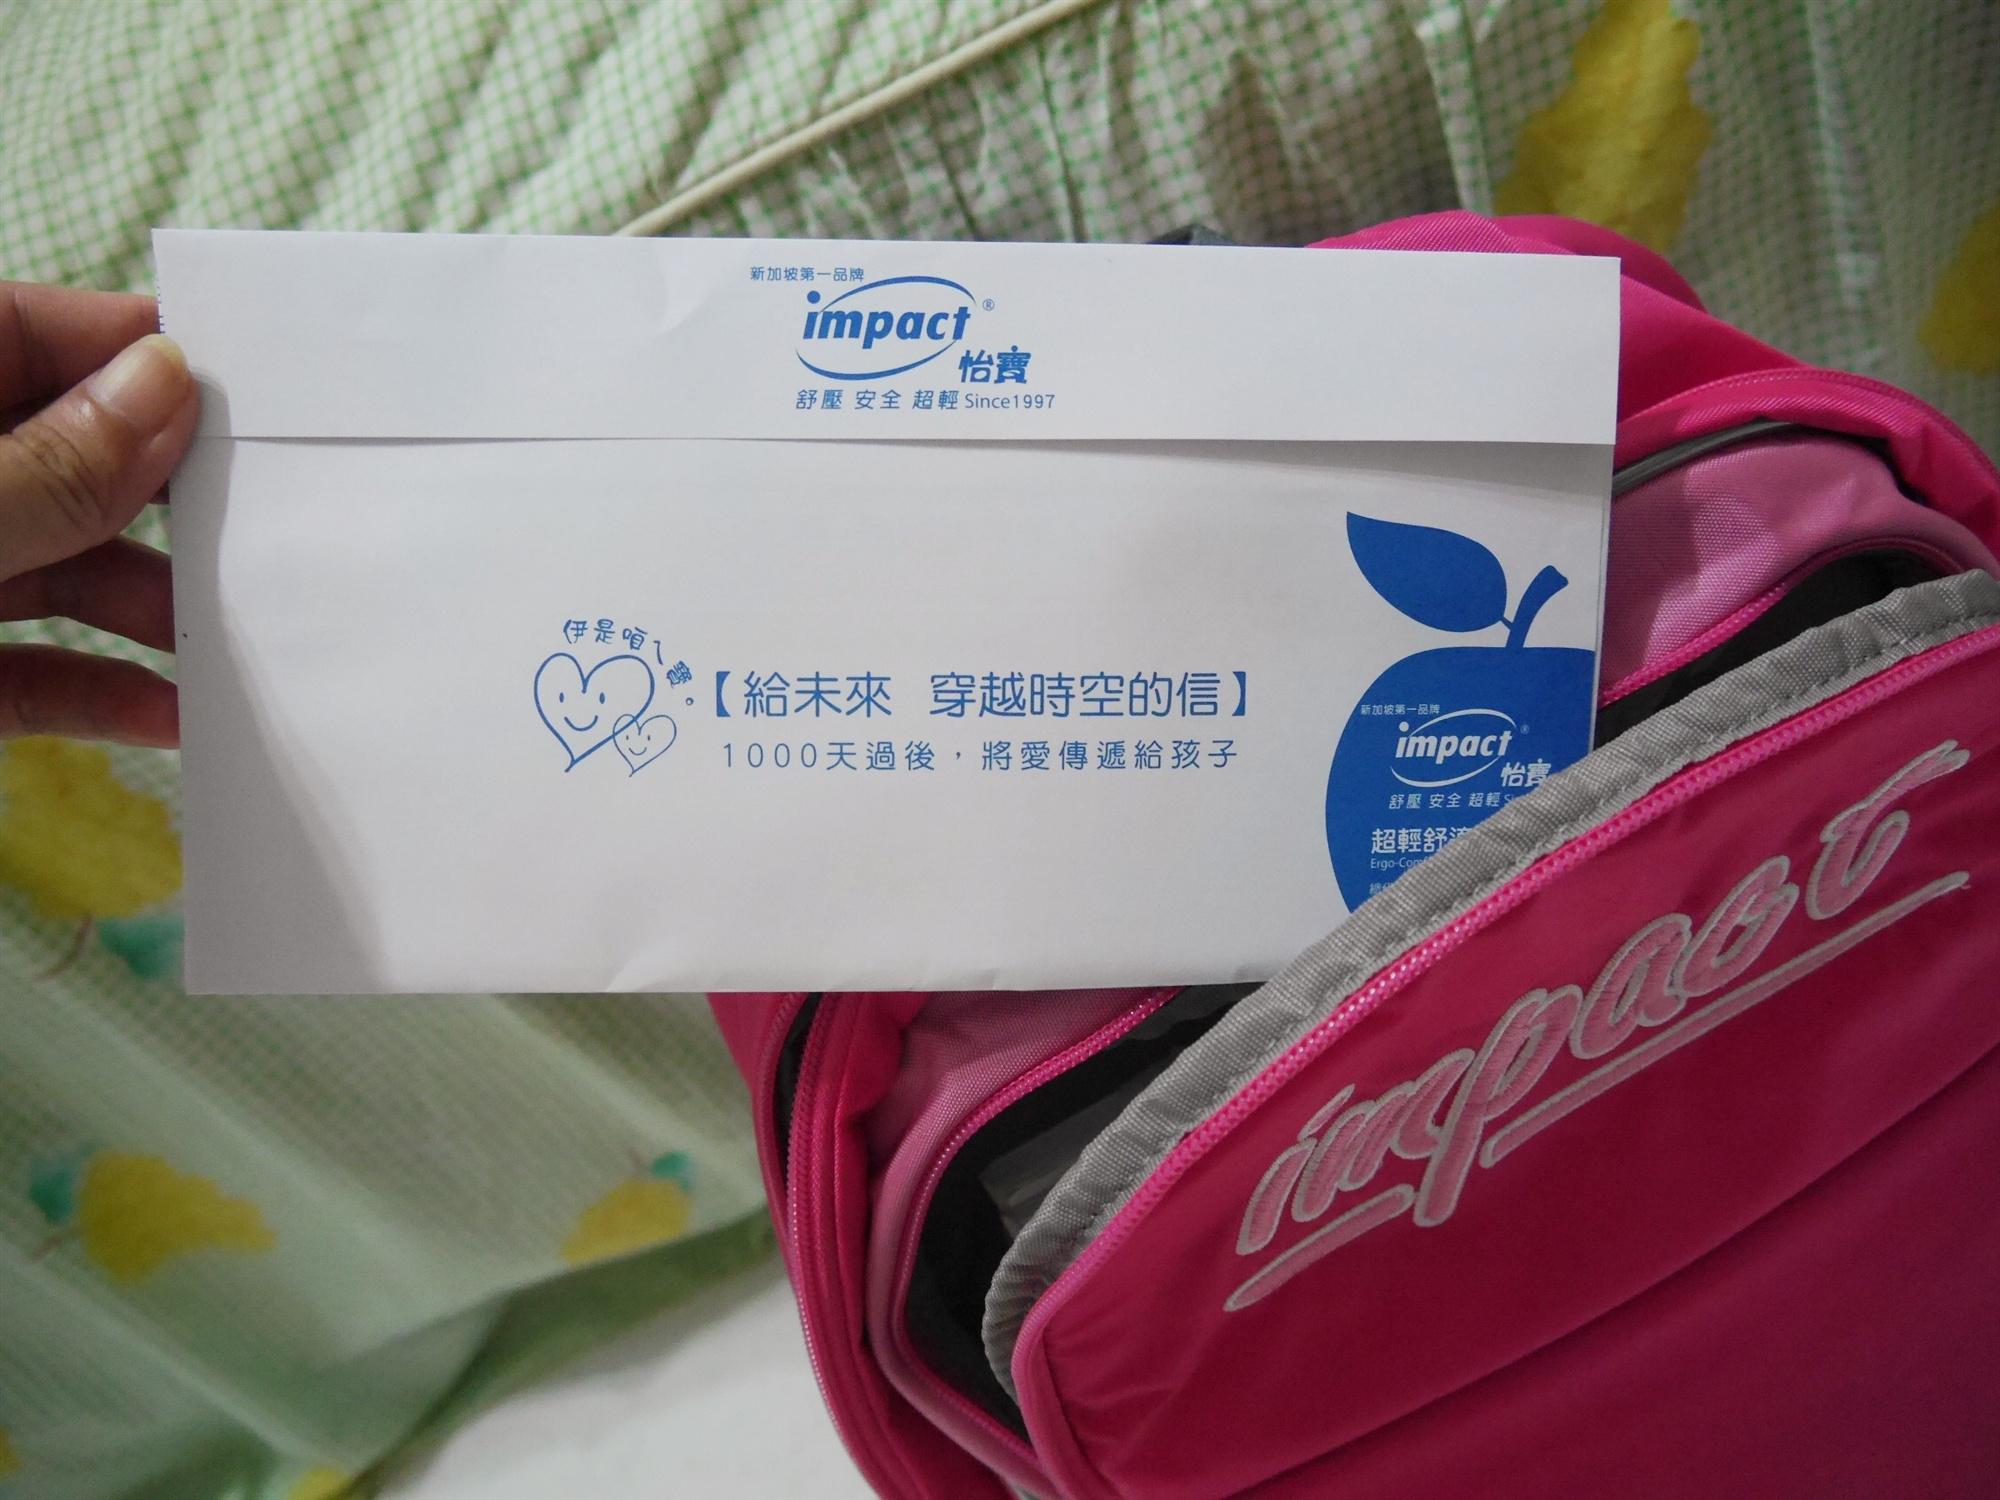 P1310746_副本.jpg